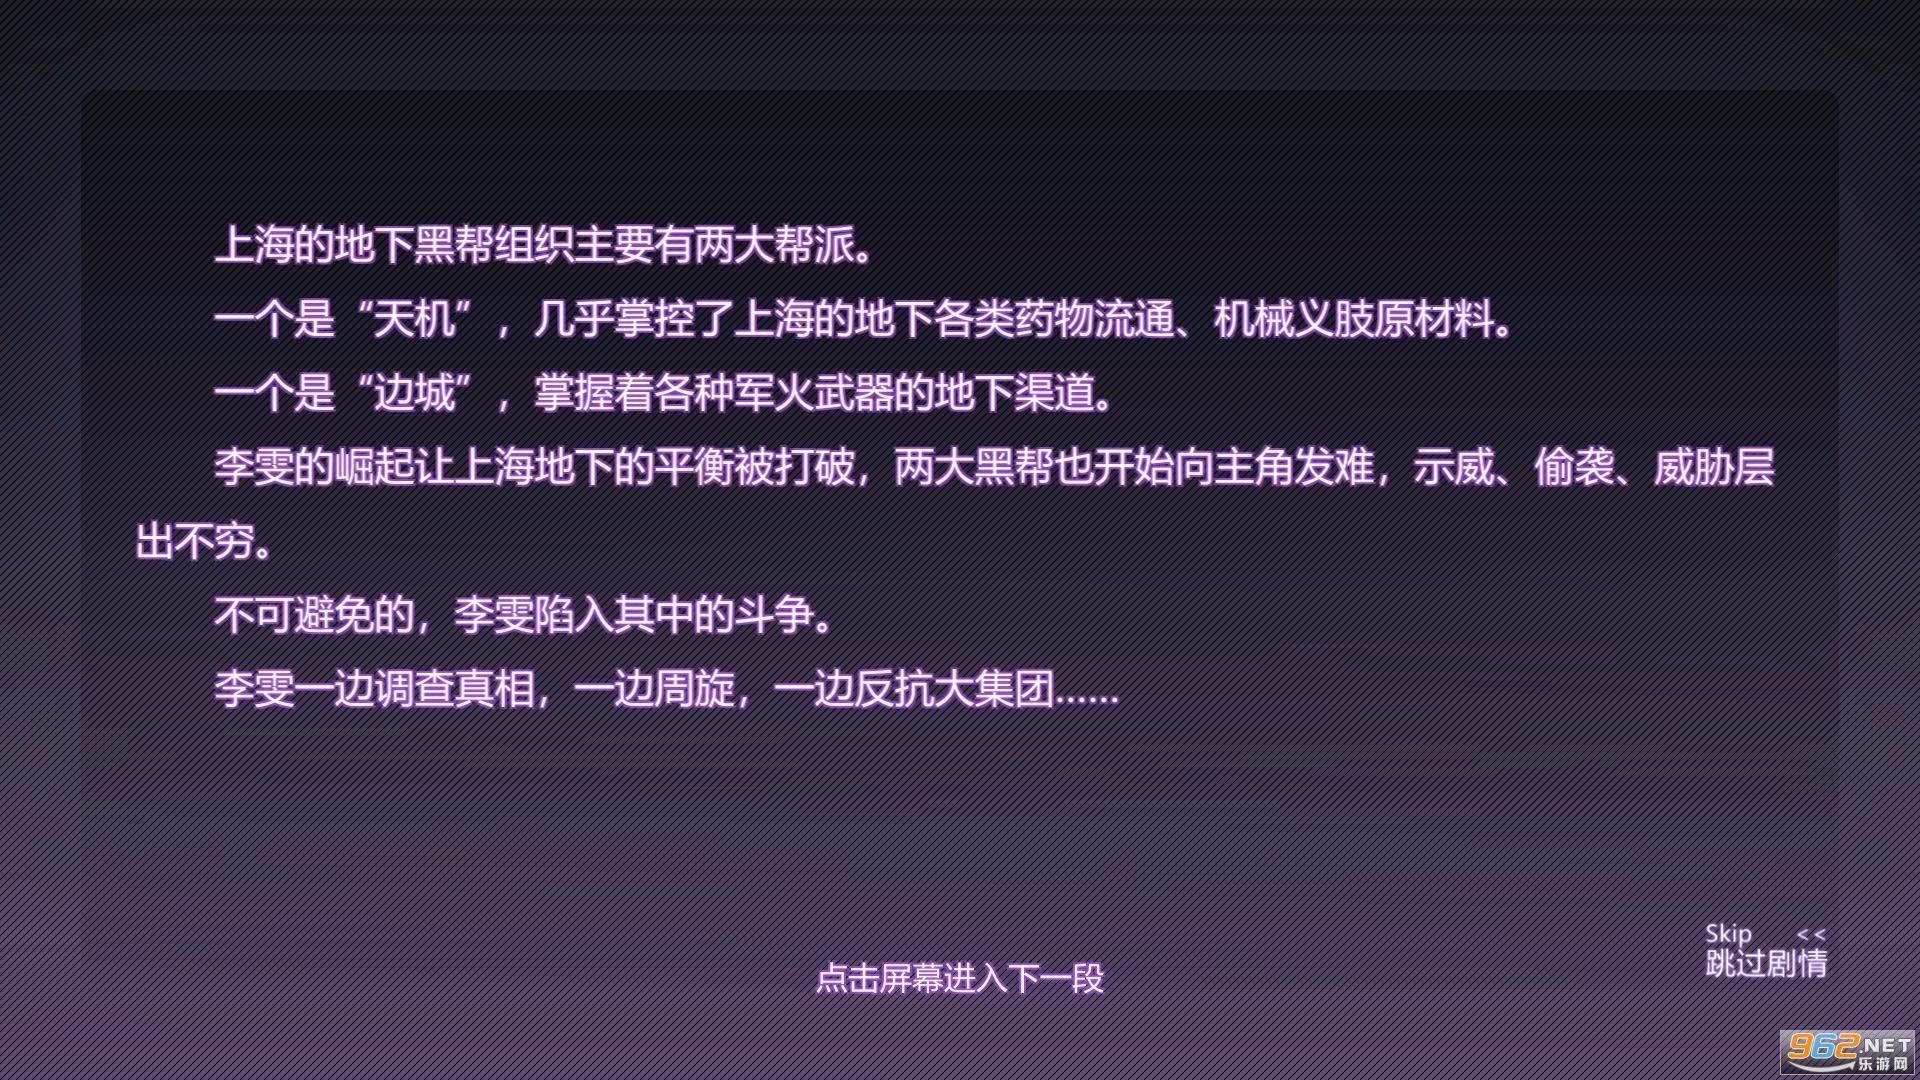 明日尽头手游v1.0 (Demo)截图0